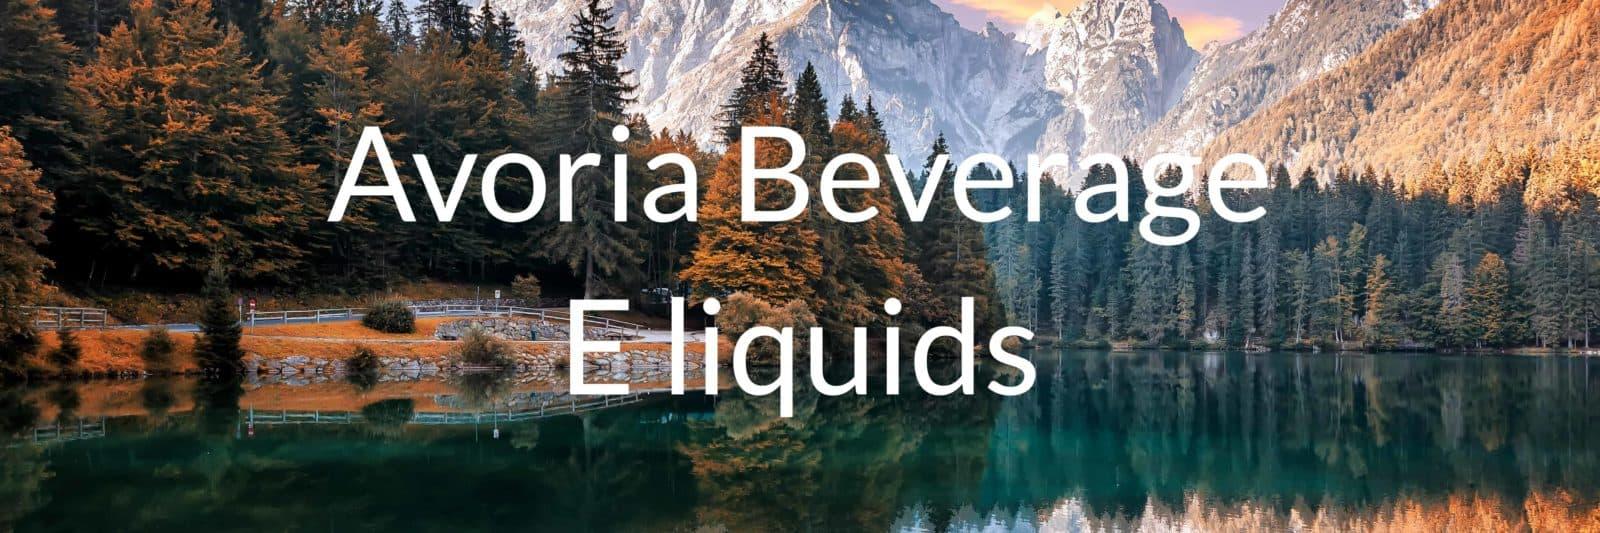 Avoria beverage liquids